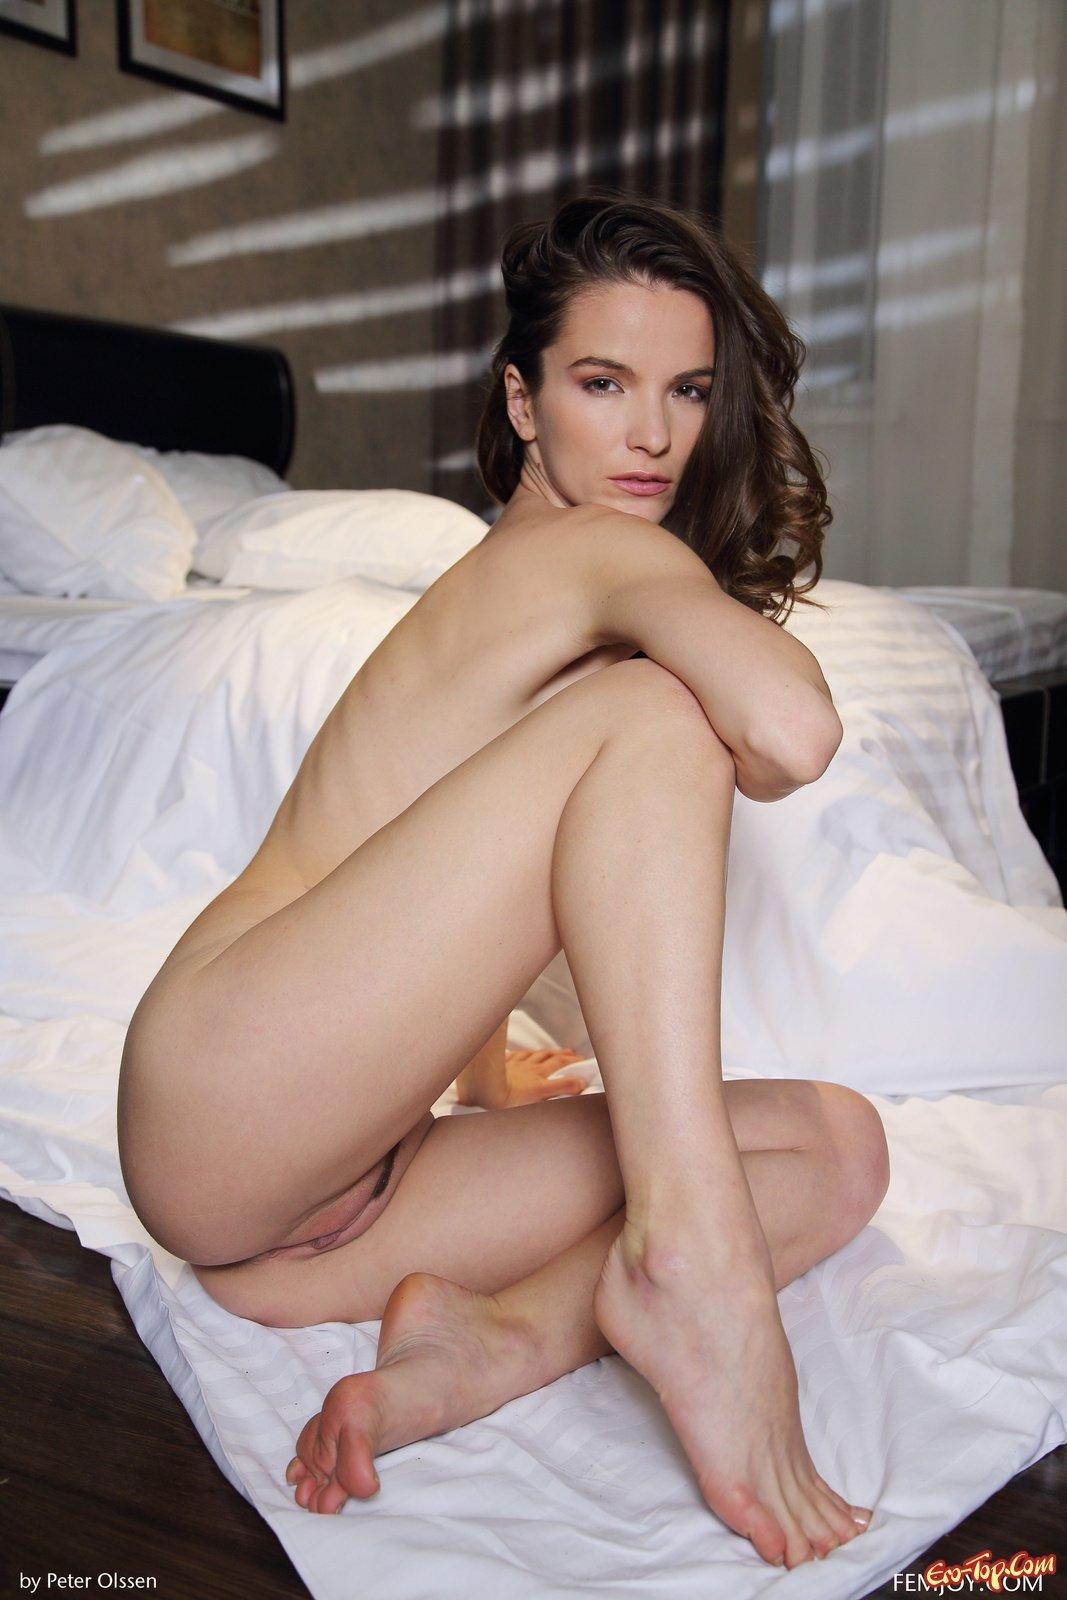 Девушка перед сном в спальне